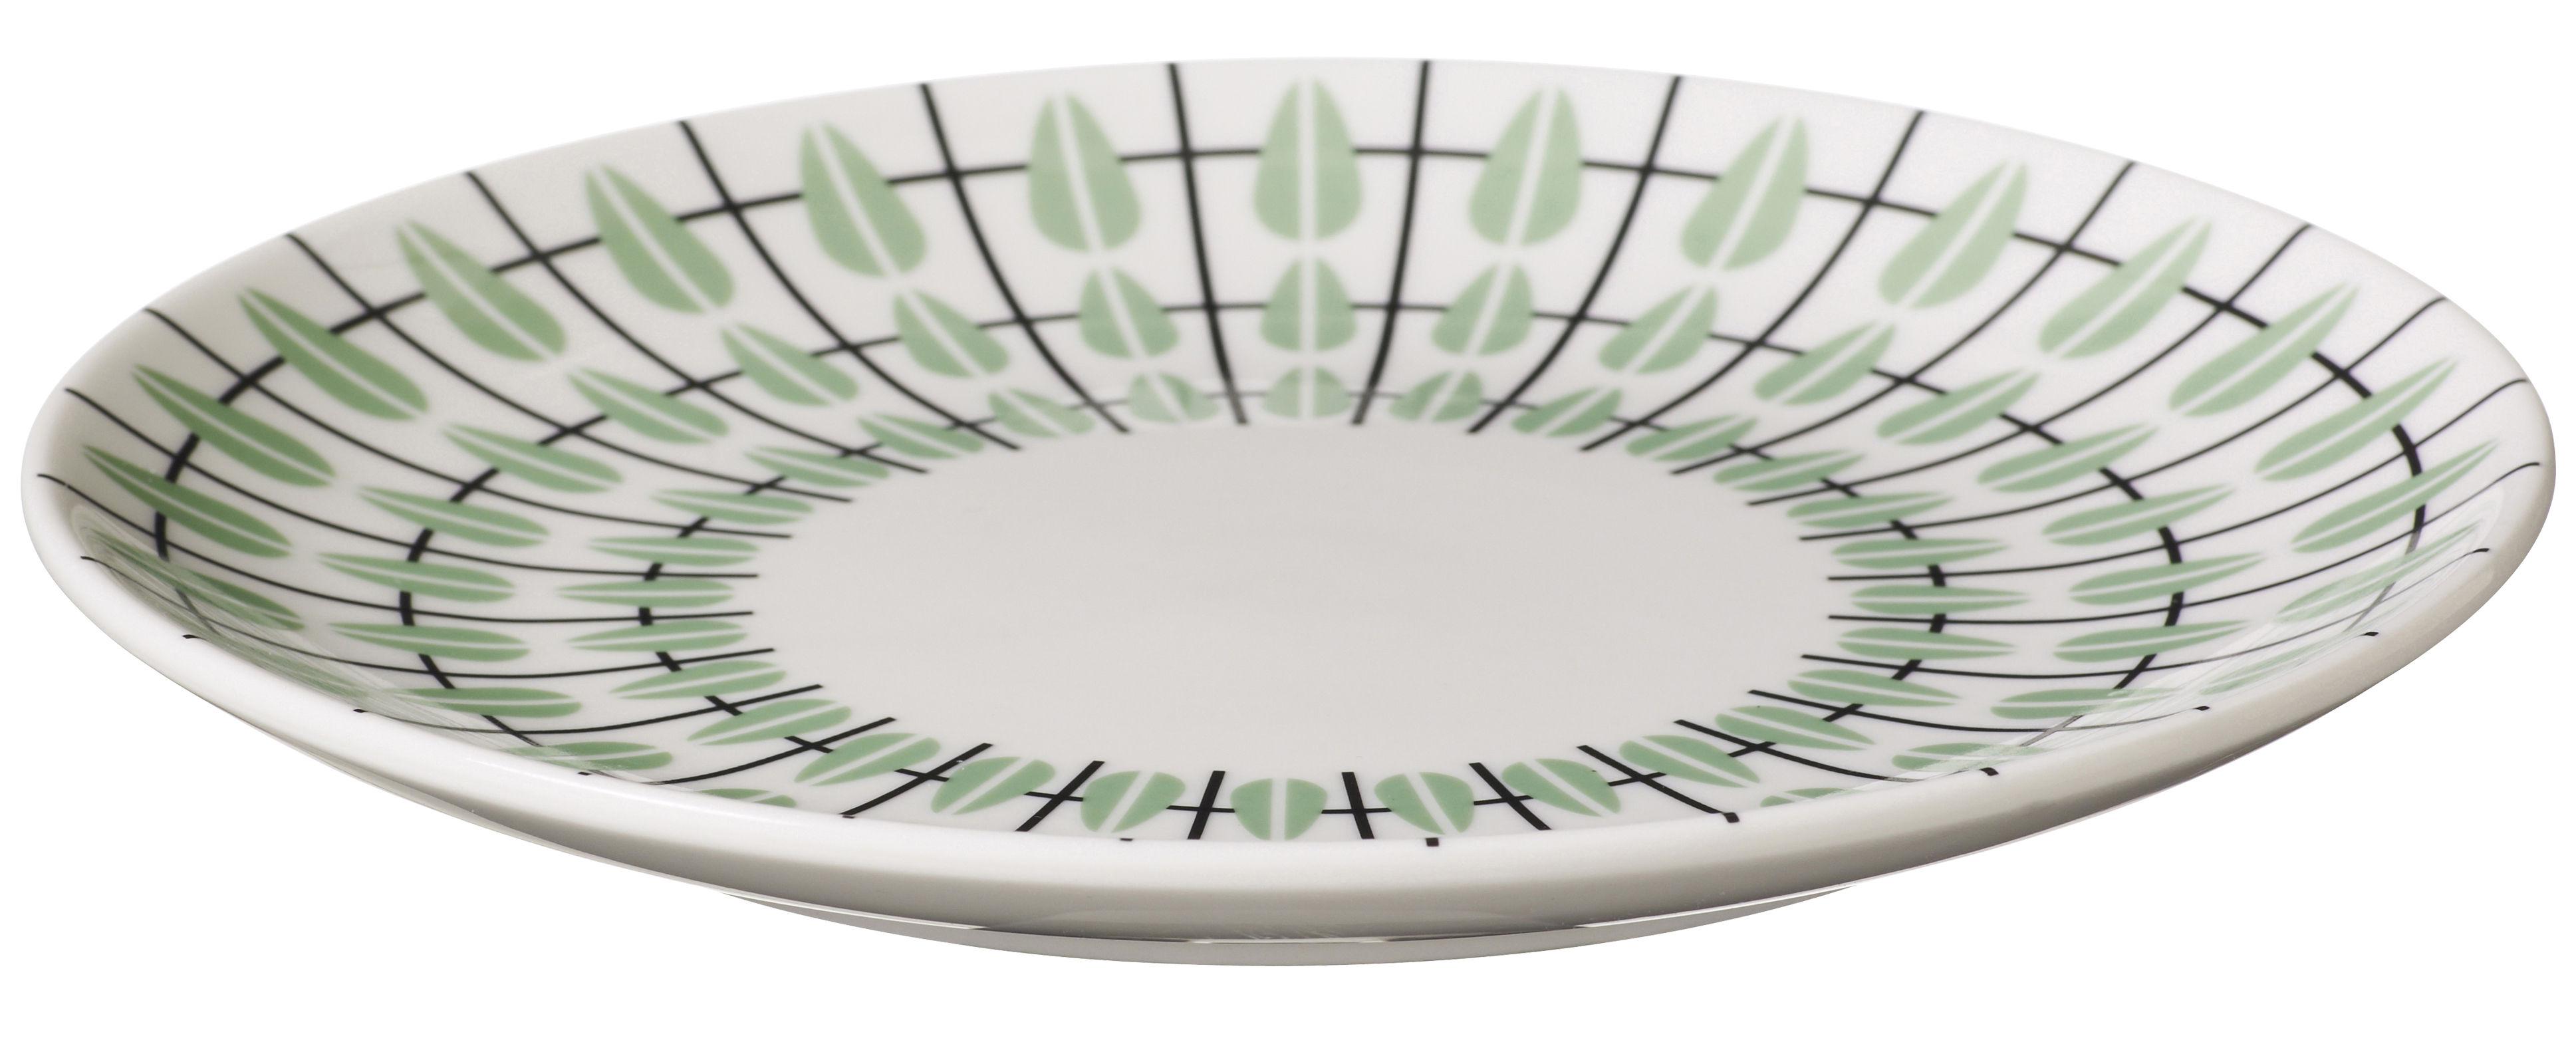 Tavola - Piatti  - Piatto da dolce Olivia / Ø 20 cm - Super Living - Bianco / Decorazione verde menta - Porcellana smaltata